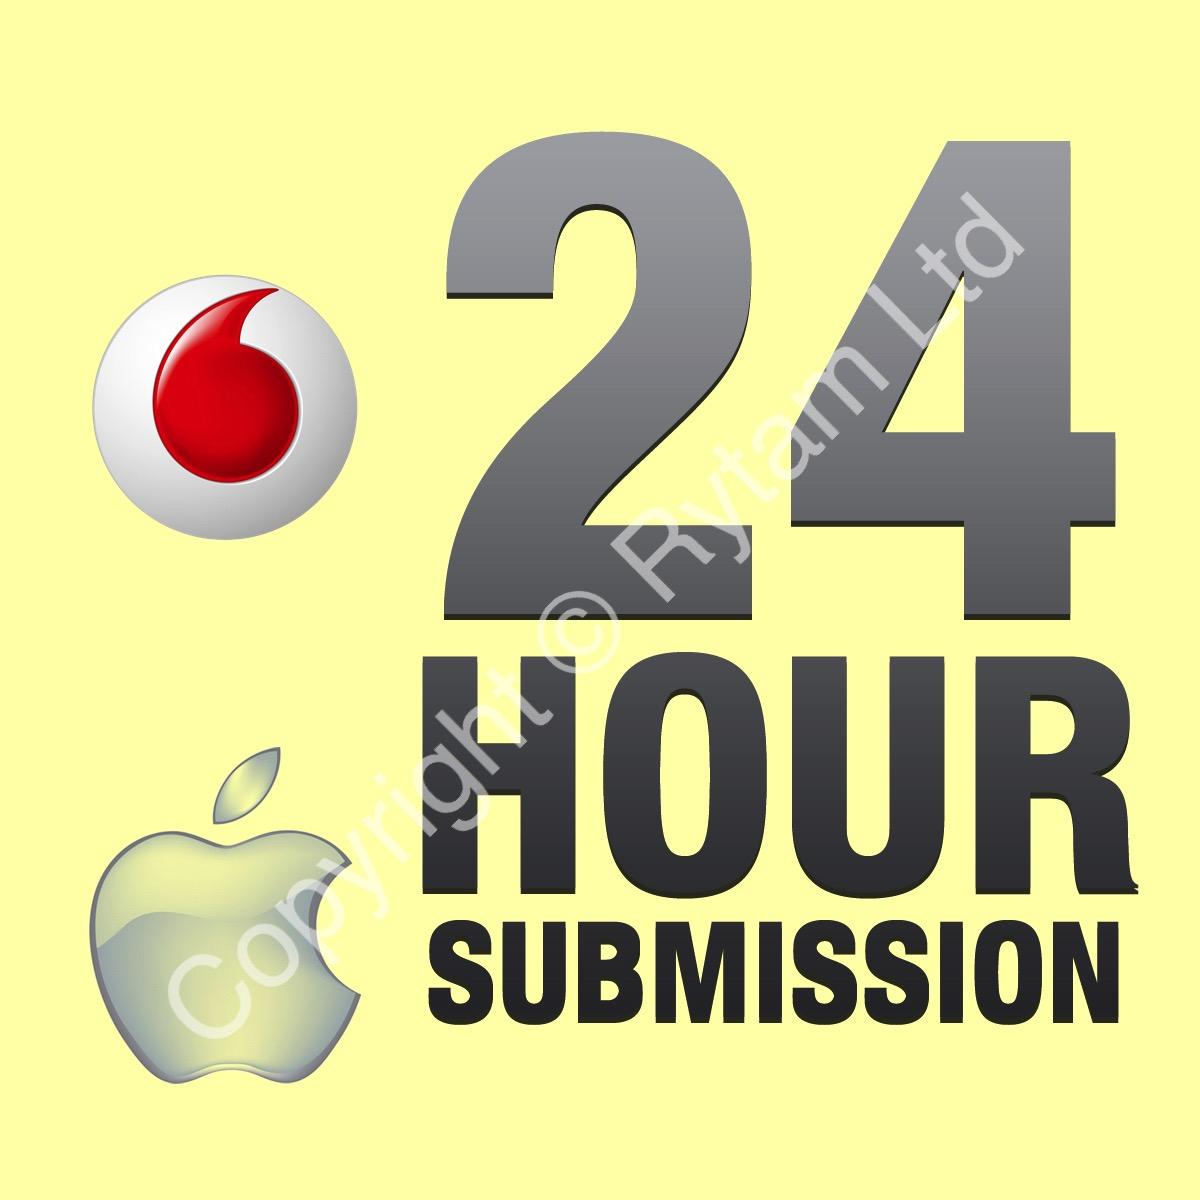 Vodafone UK - Apple iPhone X / XR / XS / XS Max / 12 Mini Unlock Service